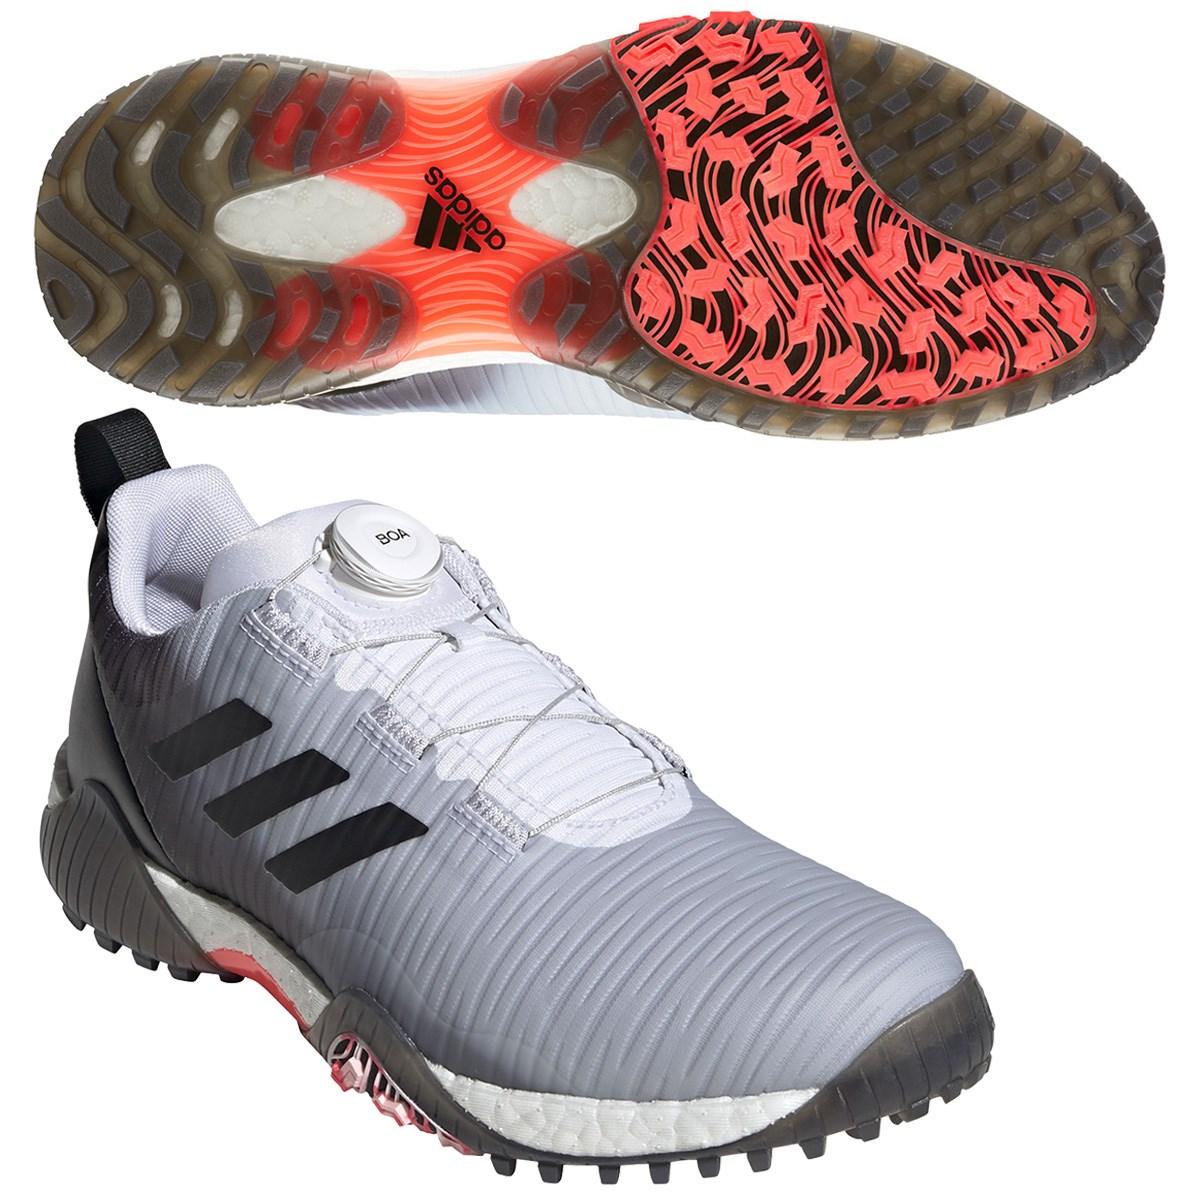 アディダス Adidas コードカオス ボア ロウ シューズ 26cm ホワイト/コアブラック/ライトフラッシュオレンジ